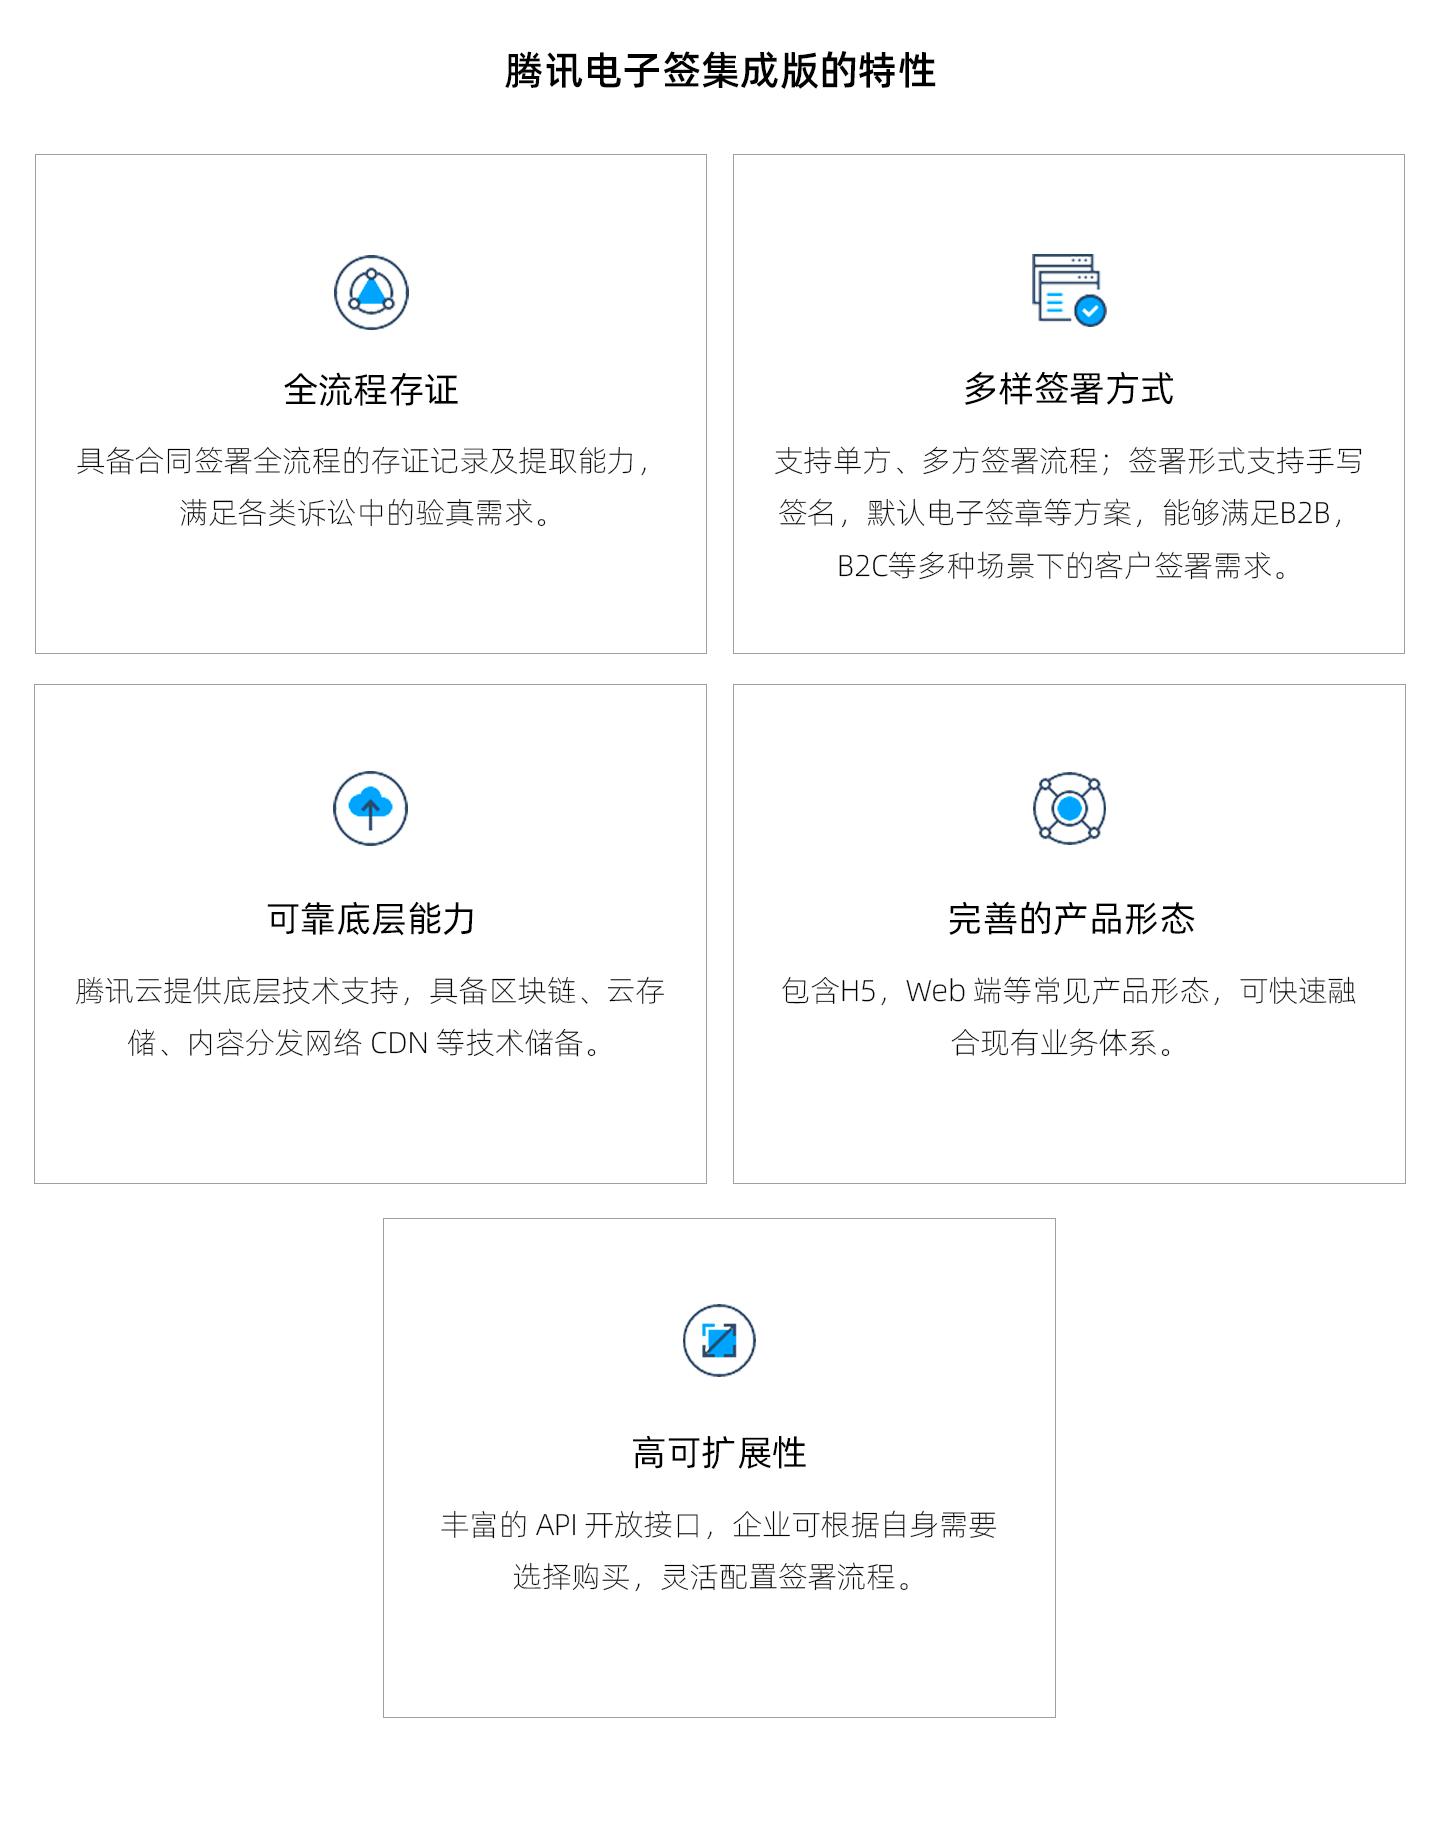 腾讯电子签集成版-1440_02.jpg